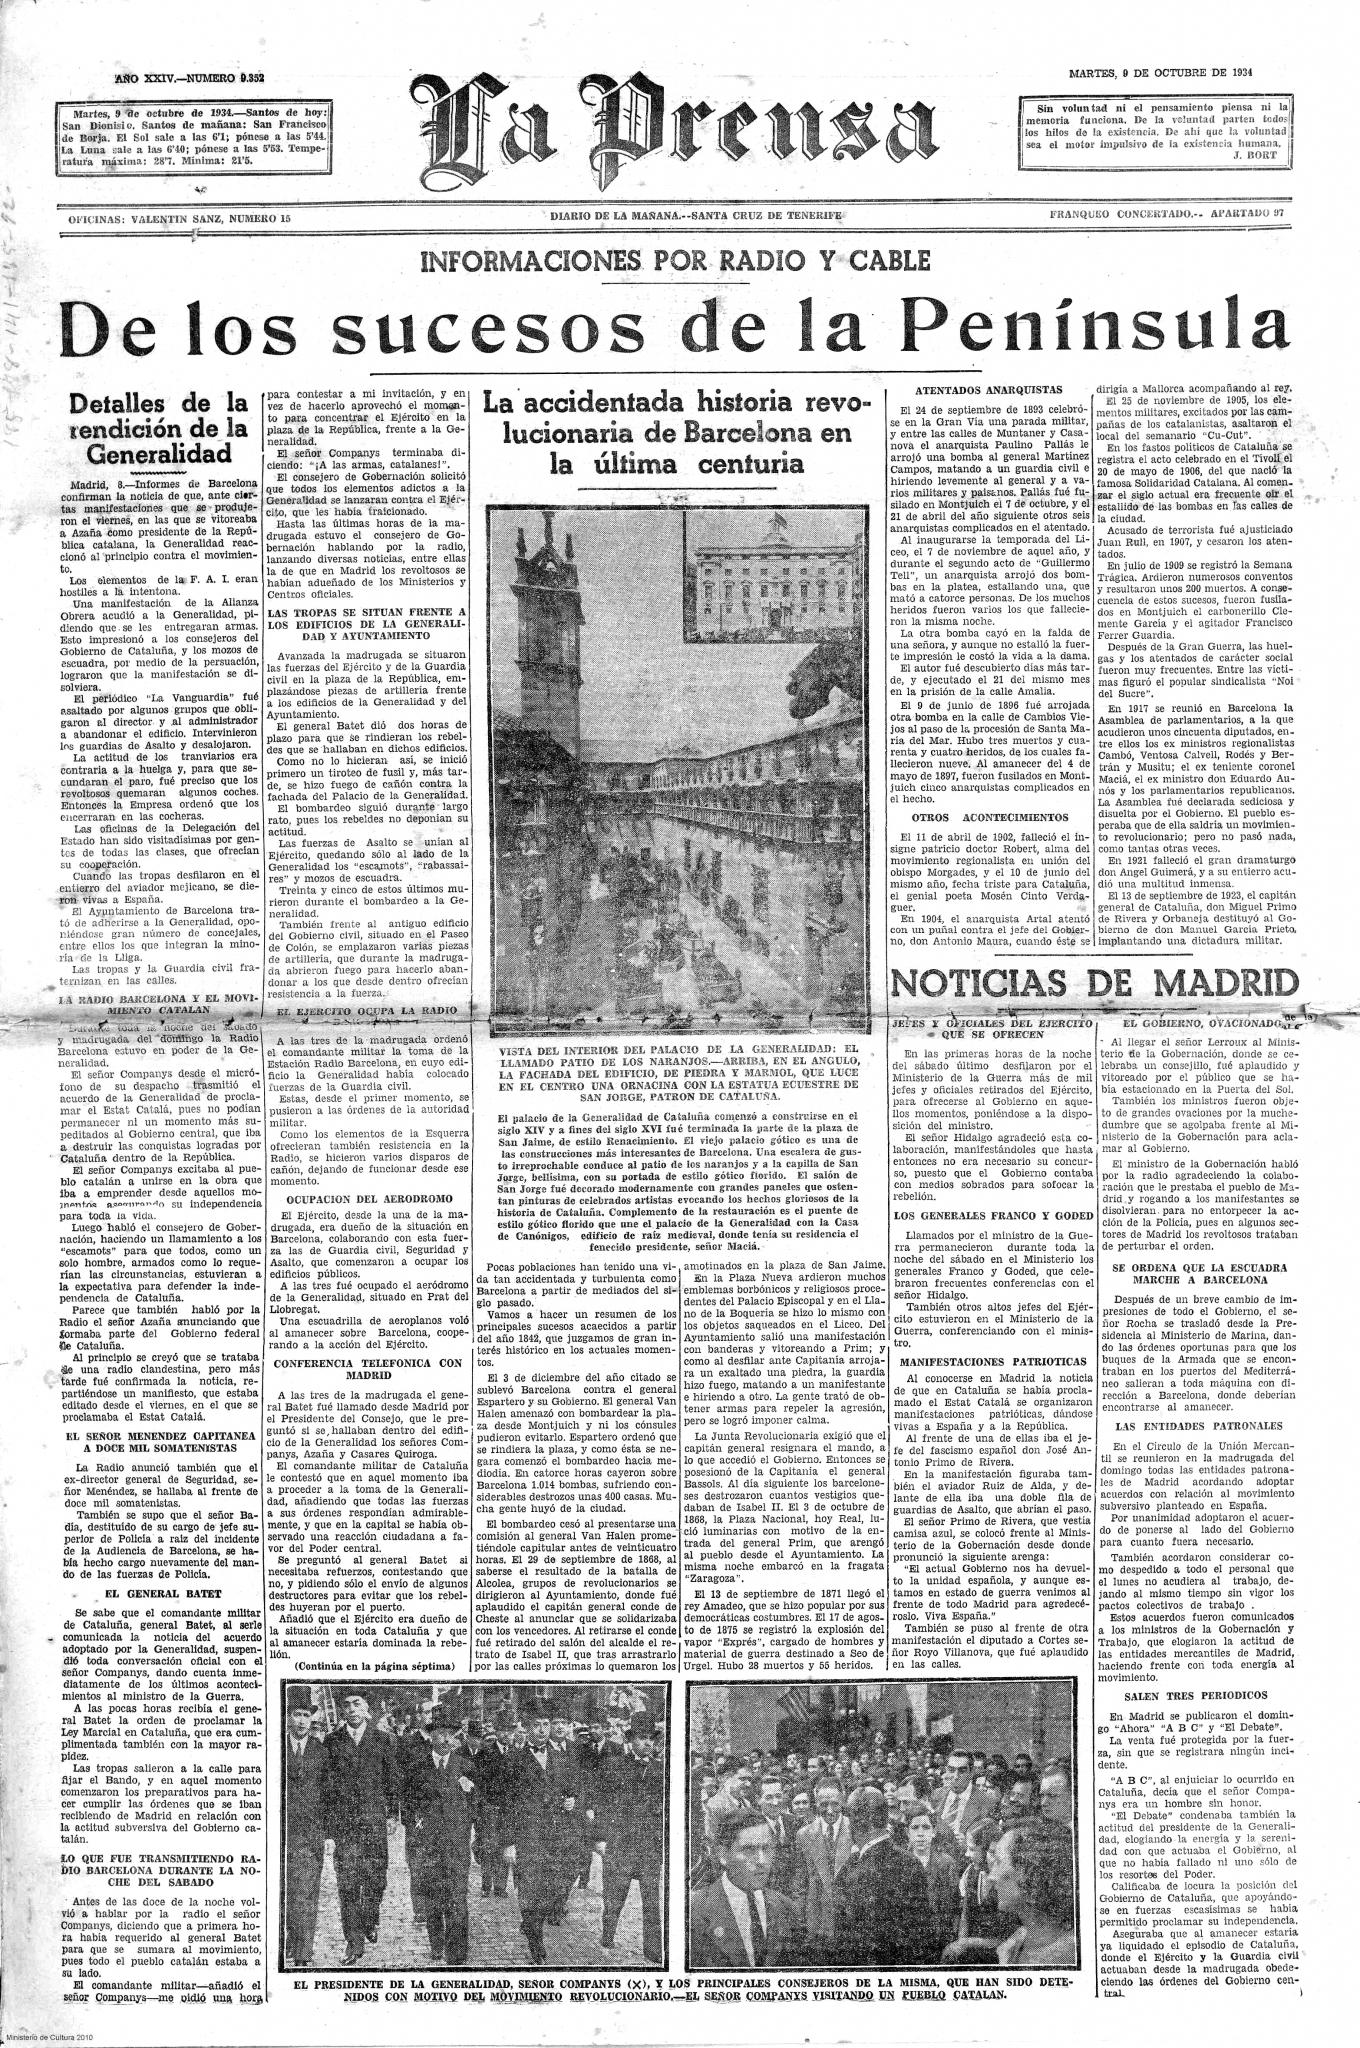 La Prensa, 9 de octubre de 1934.